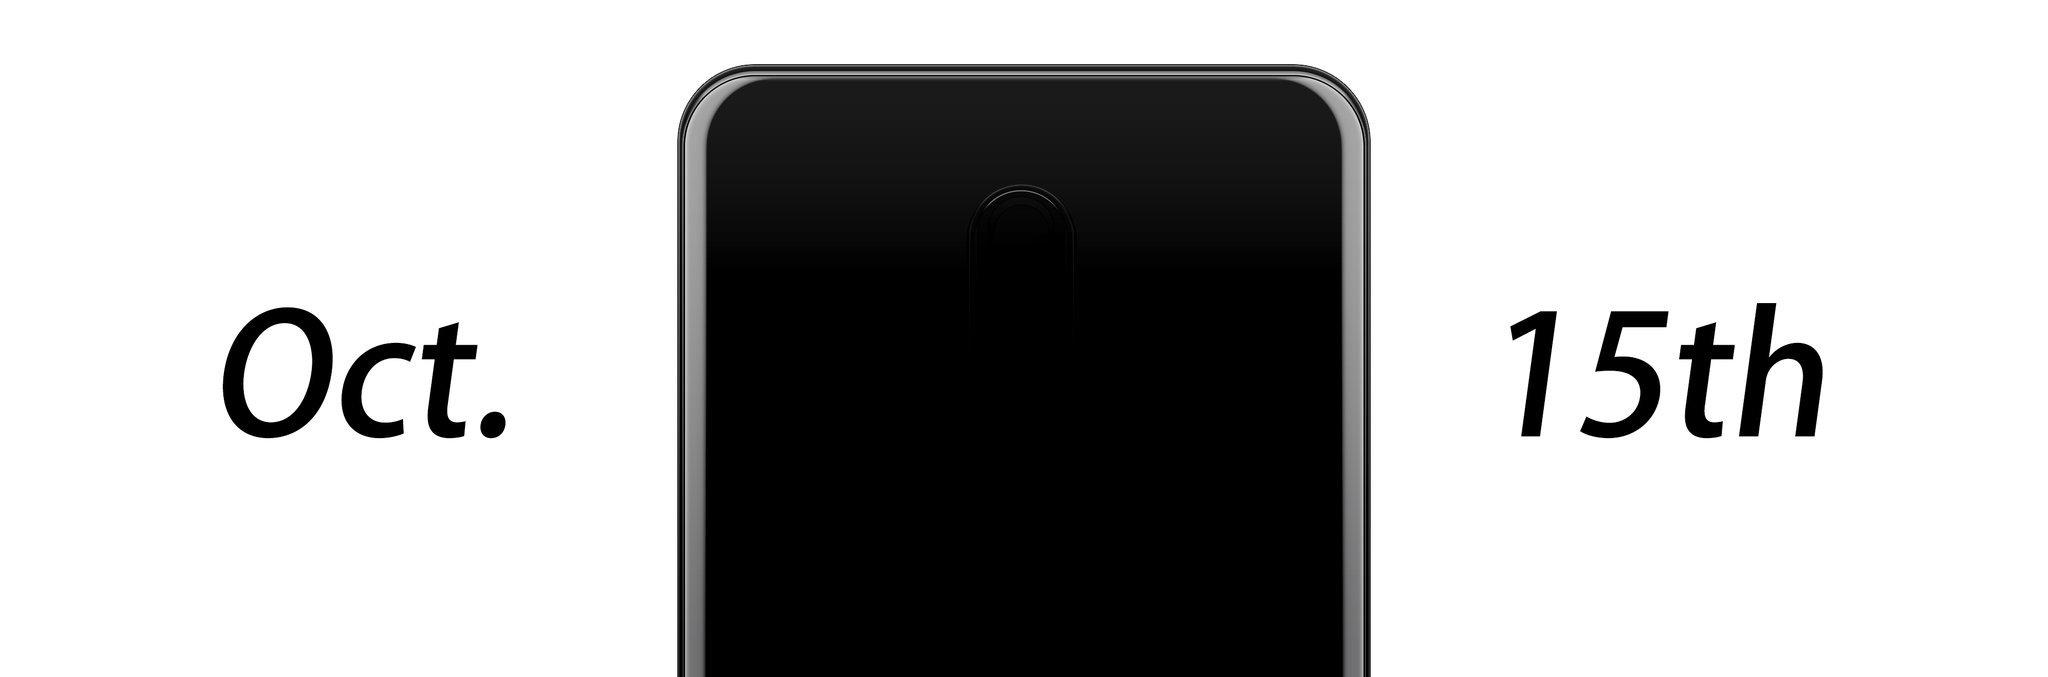 OnePlus 7T Pro kiedy premiera data debiutu plotki przecieki wycieki